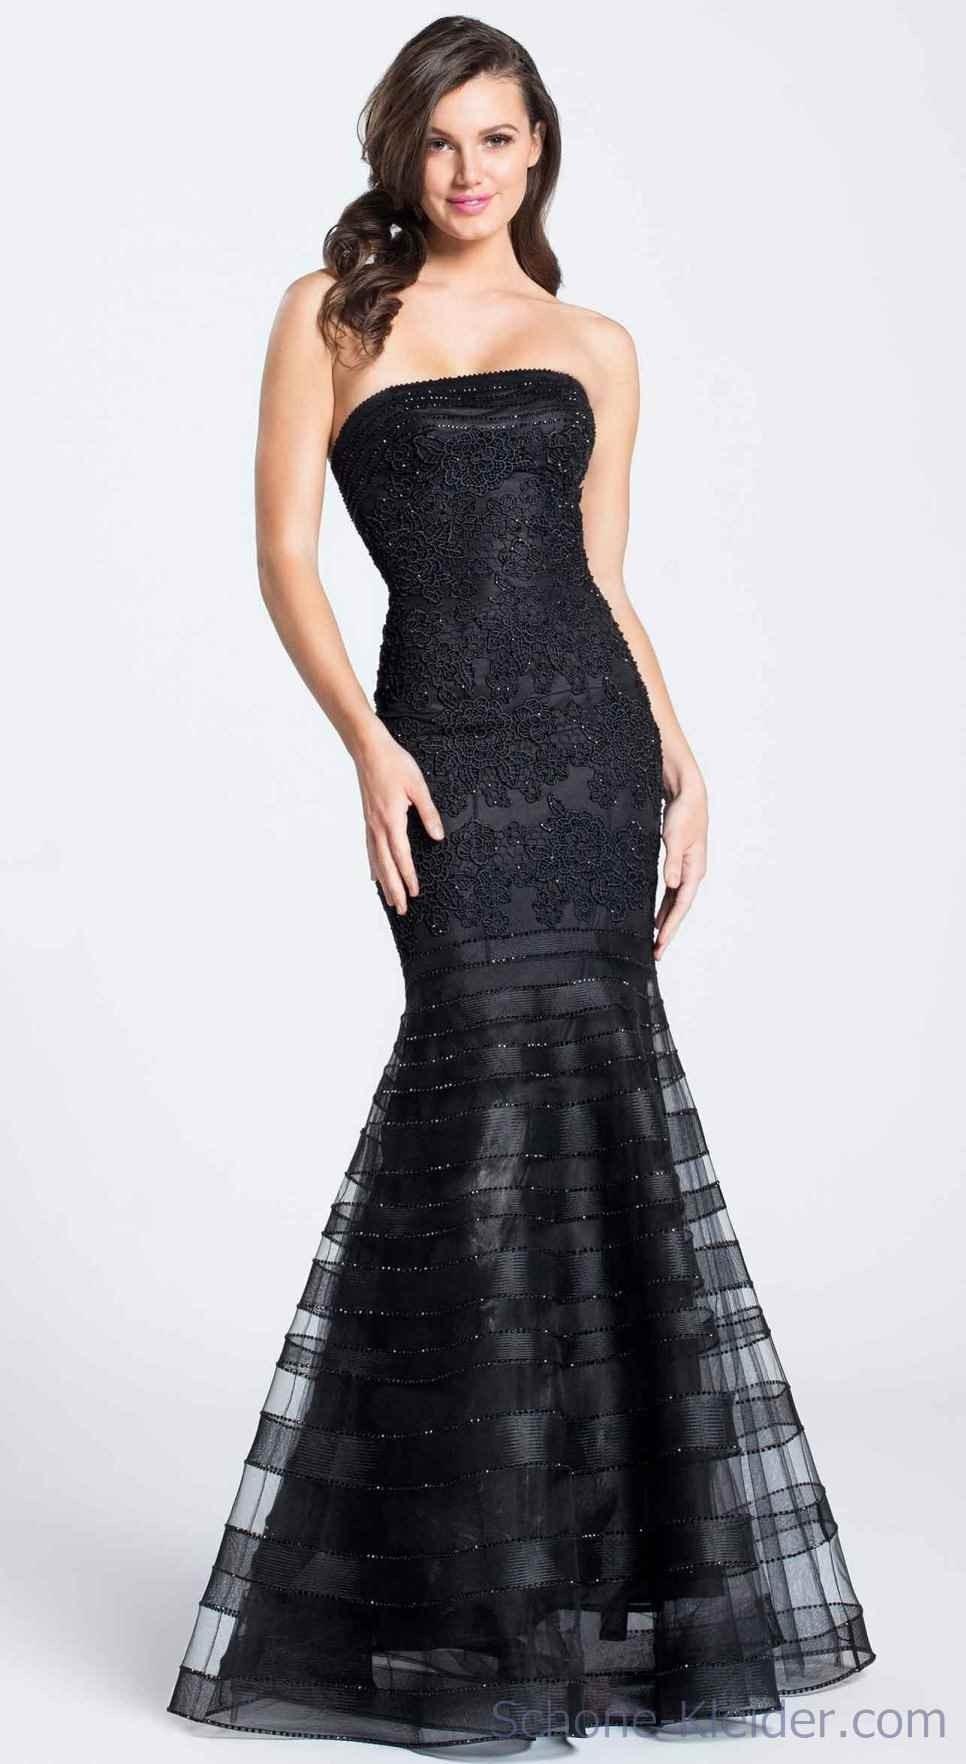 17 Erstaunlich Abendkleid Lang Schwarz Spitze Design13 Spektakulär Abendkleid Lang Schwarz Spitze Ärmel